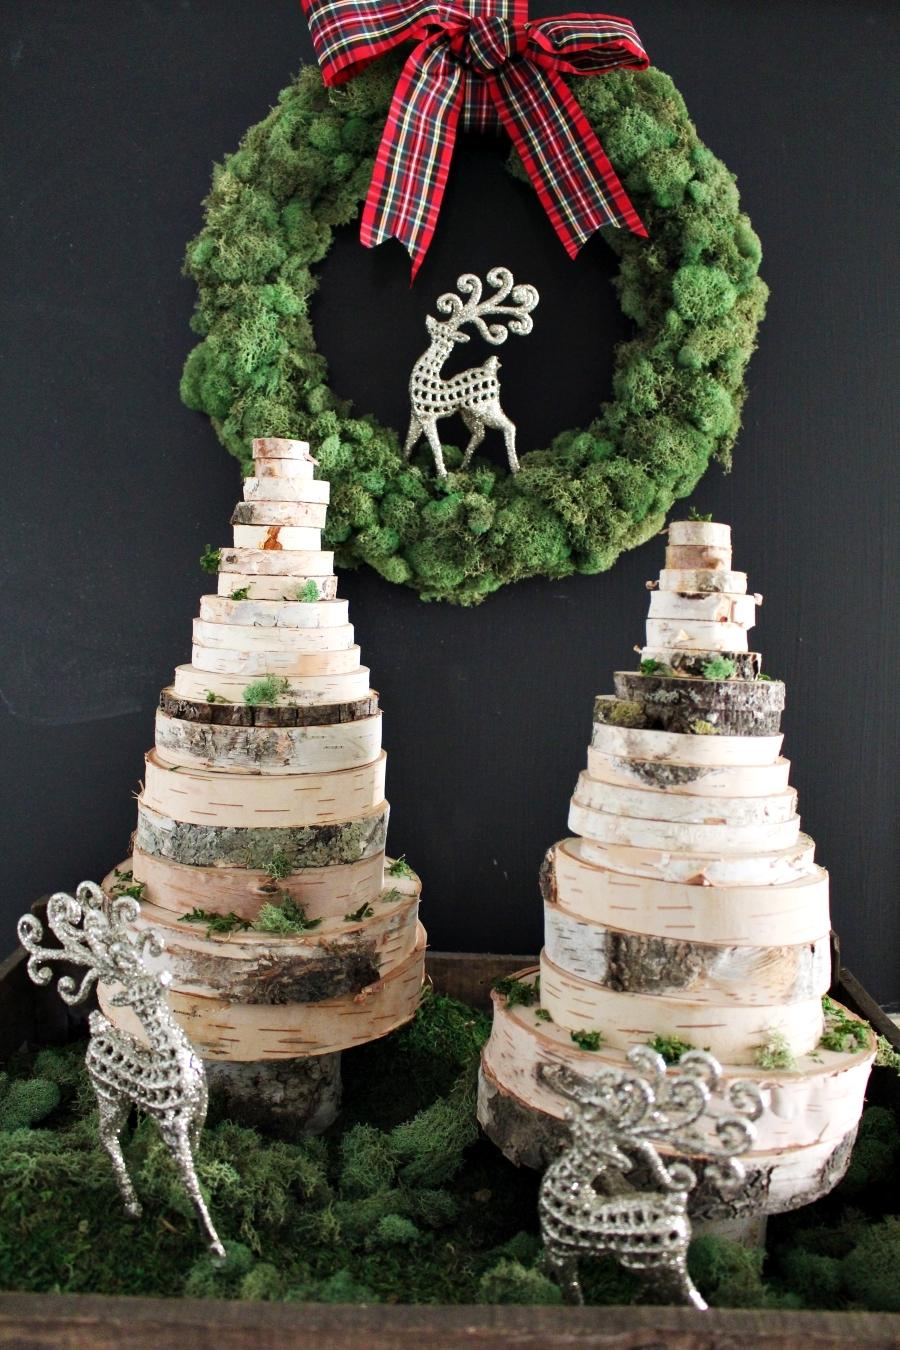 Świąteczne DIY - choinka z drewnianych krążków, zrób to sam, Święta Bożego Narodzenia, dekoracje, decorations, Christmas